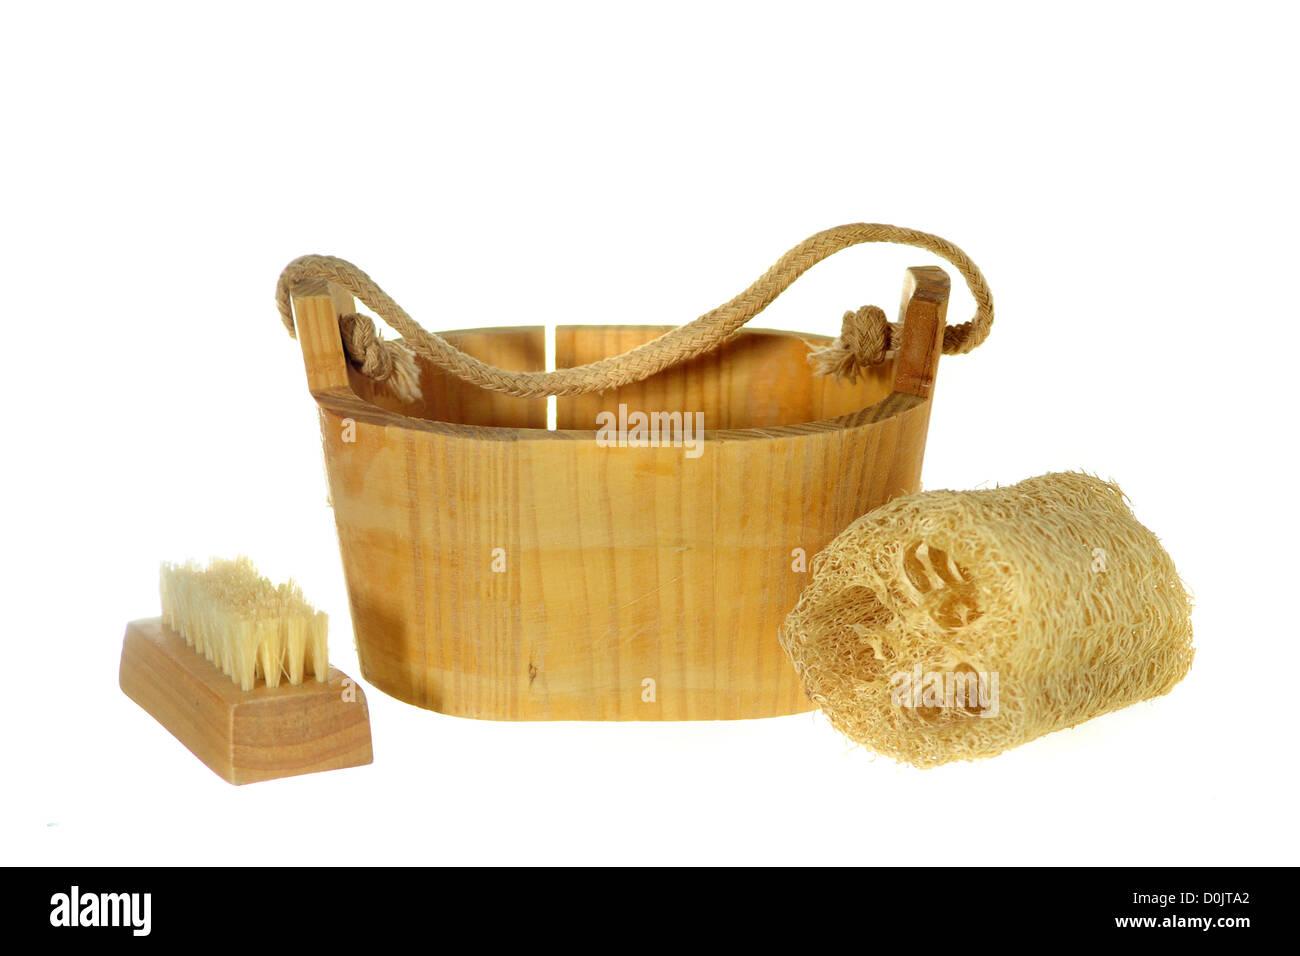 spa sponge - Stock Image